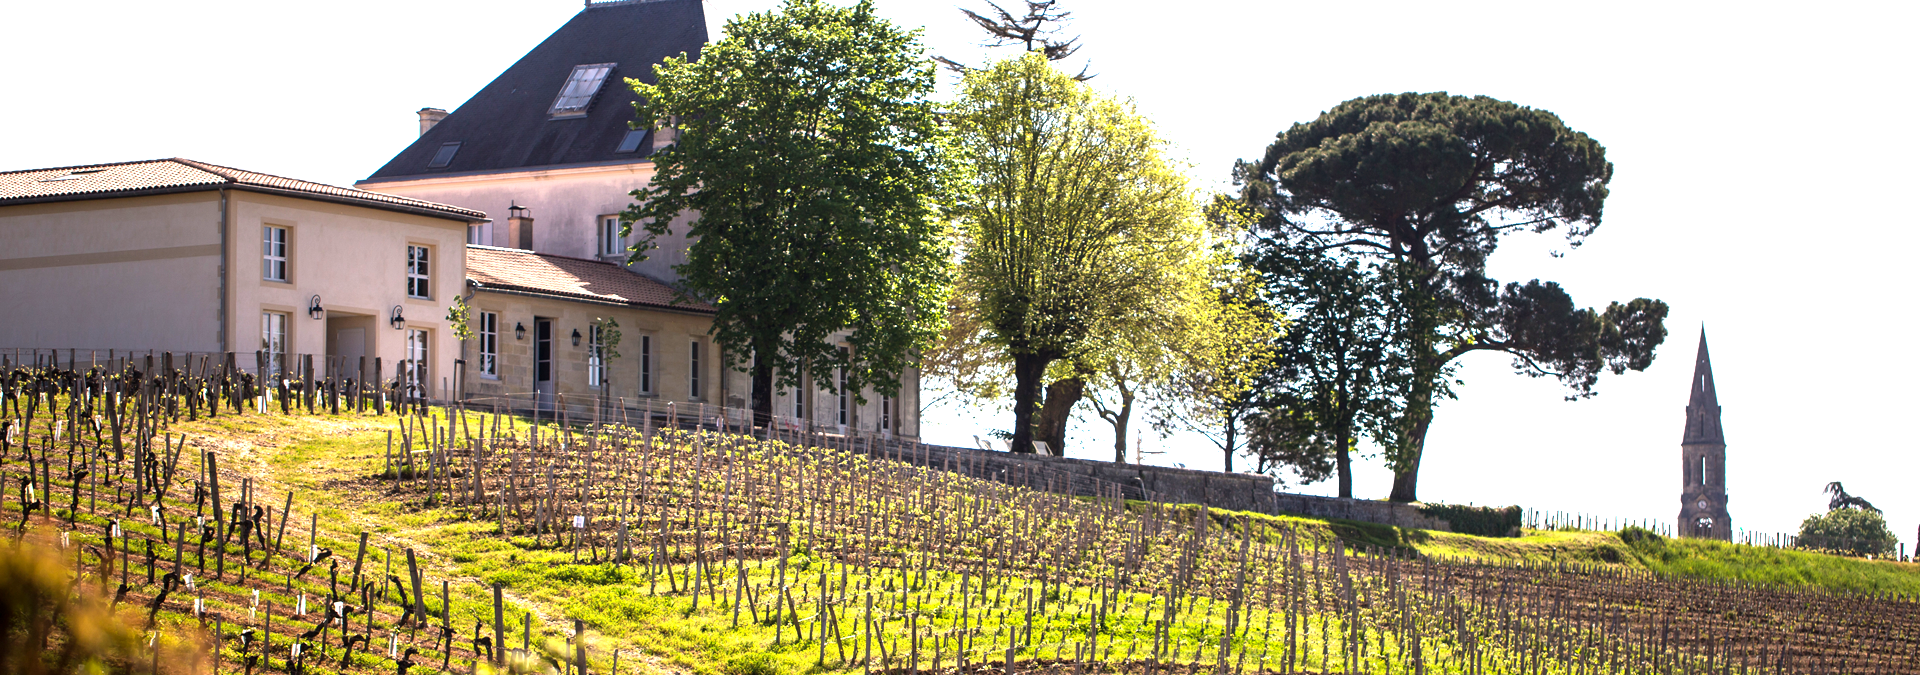 Château Tournefeuille